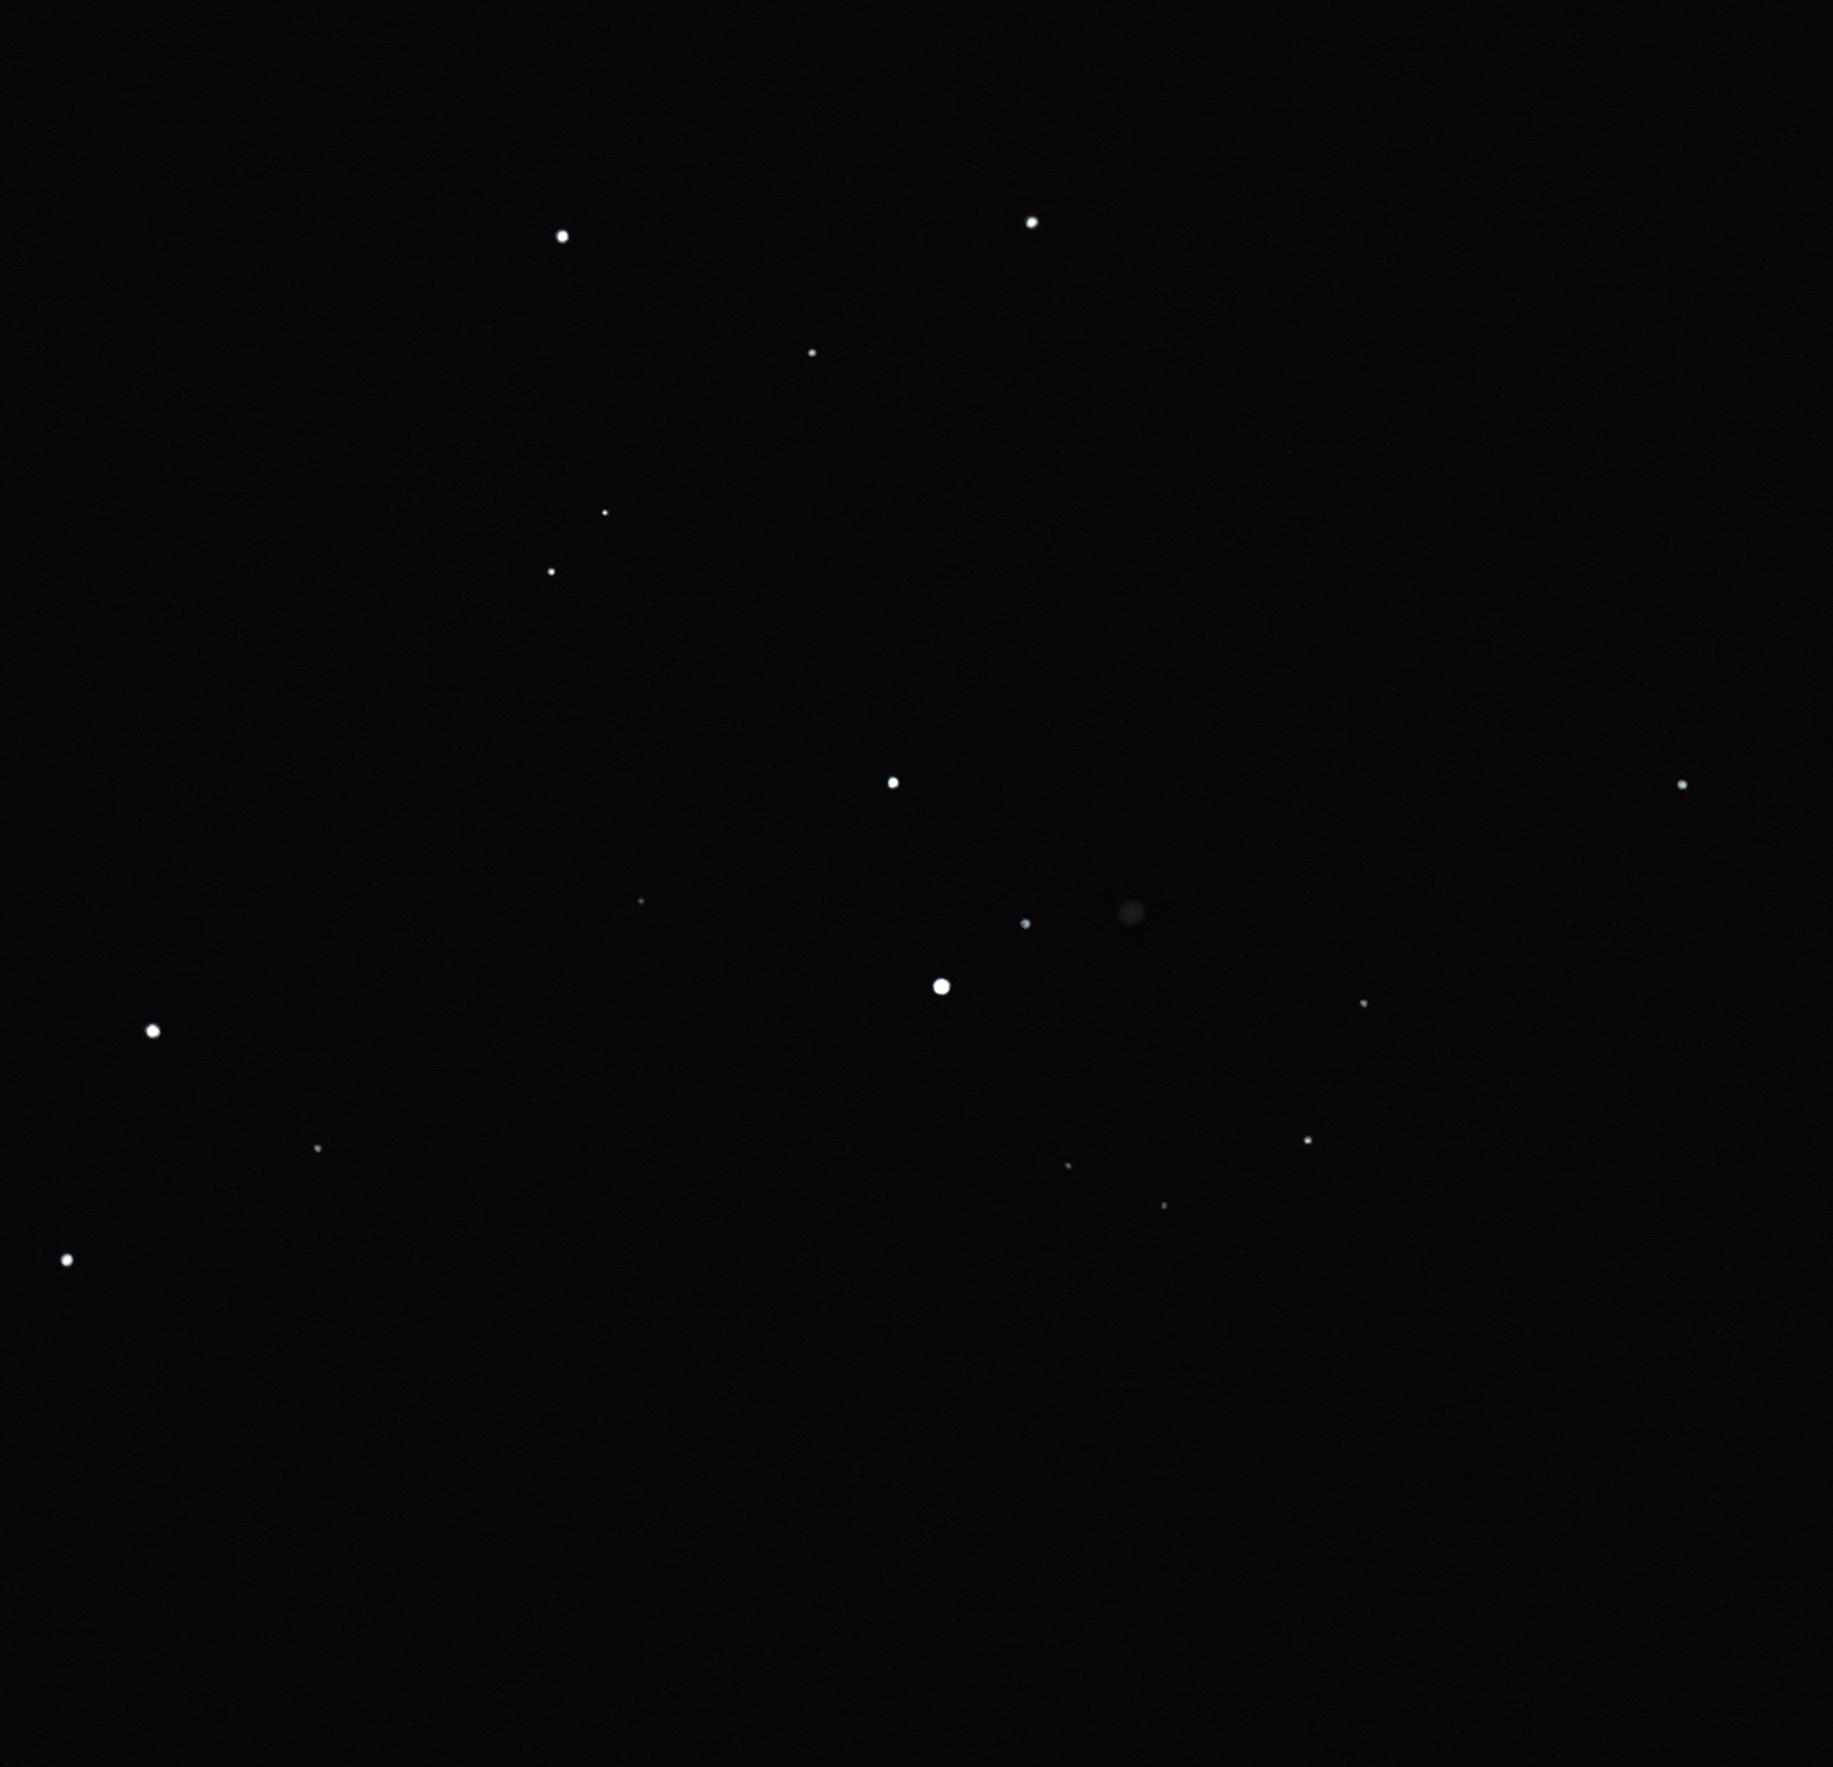 PK46-3.1 planetary nebula